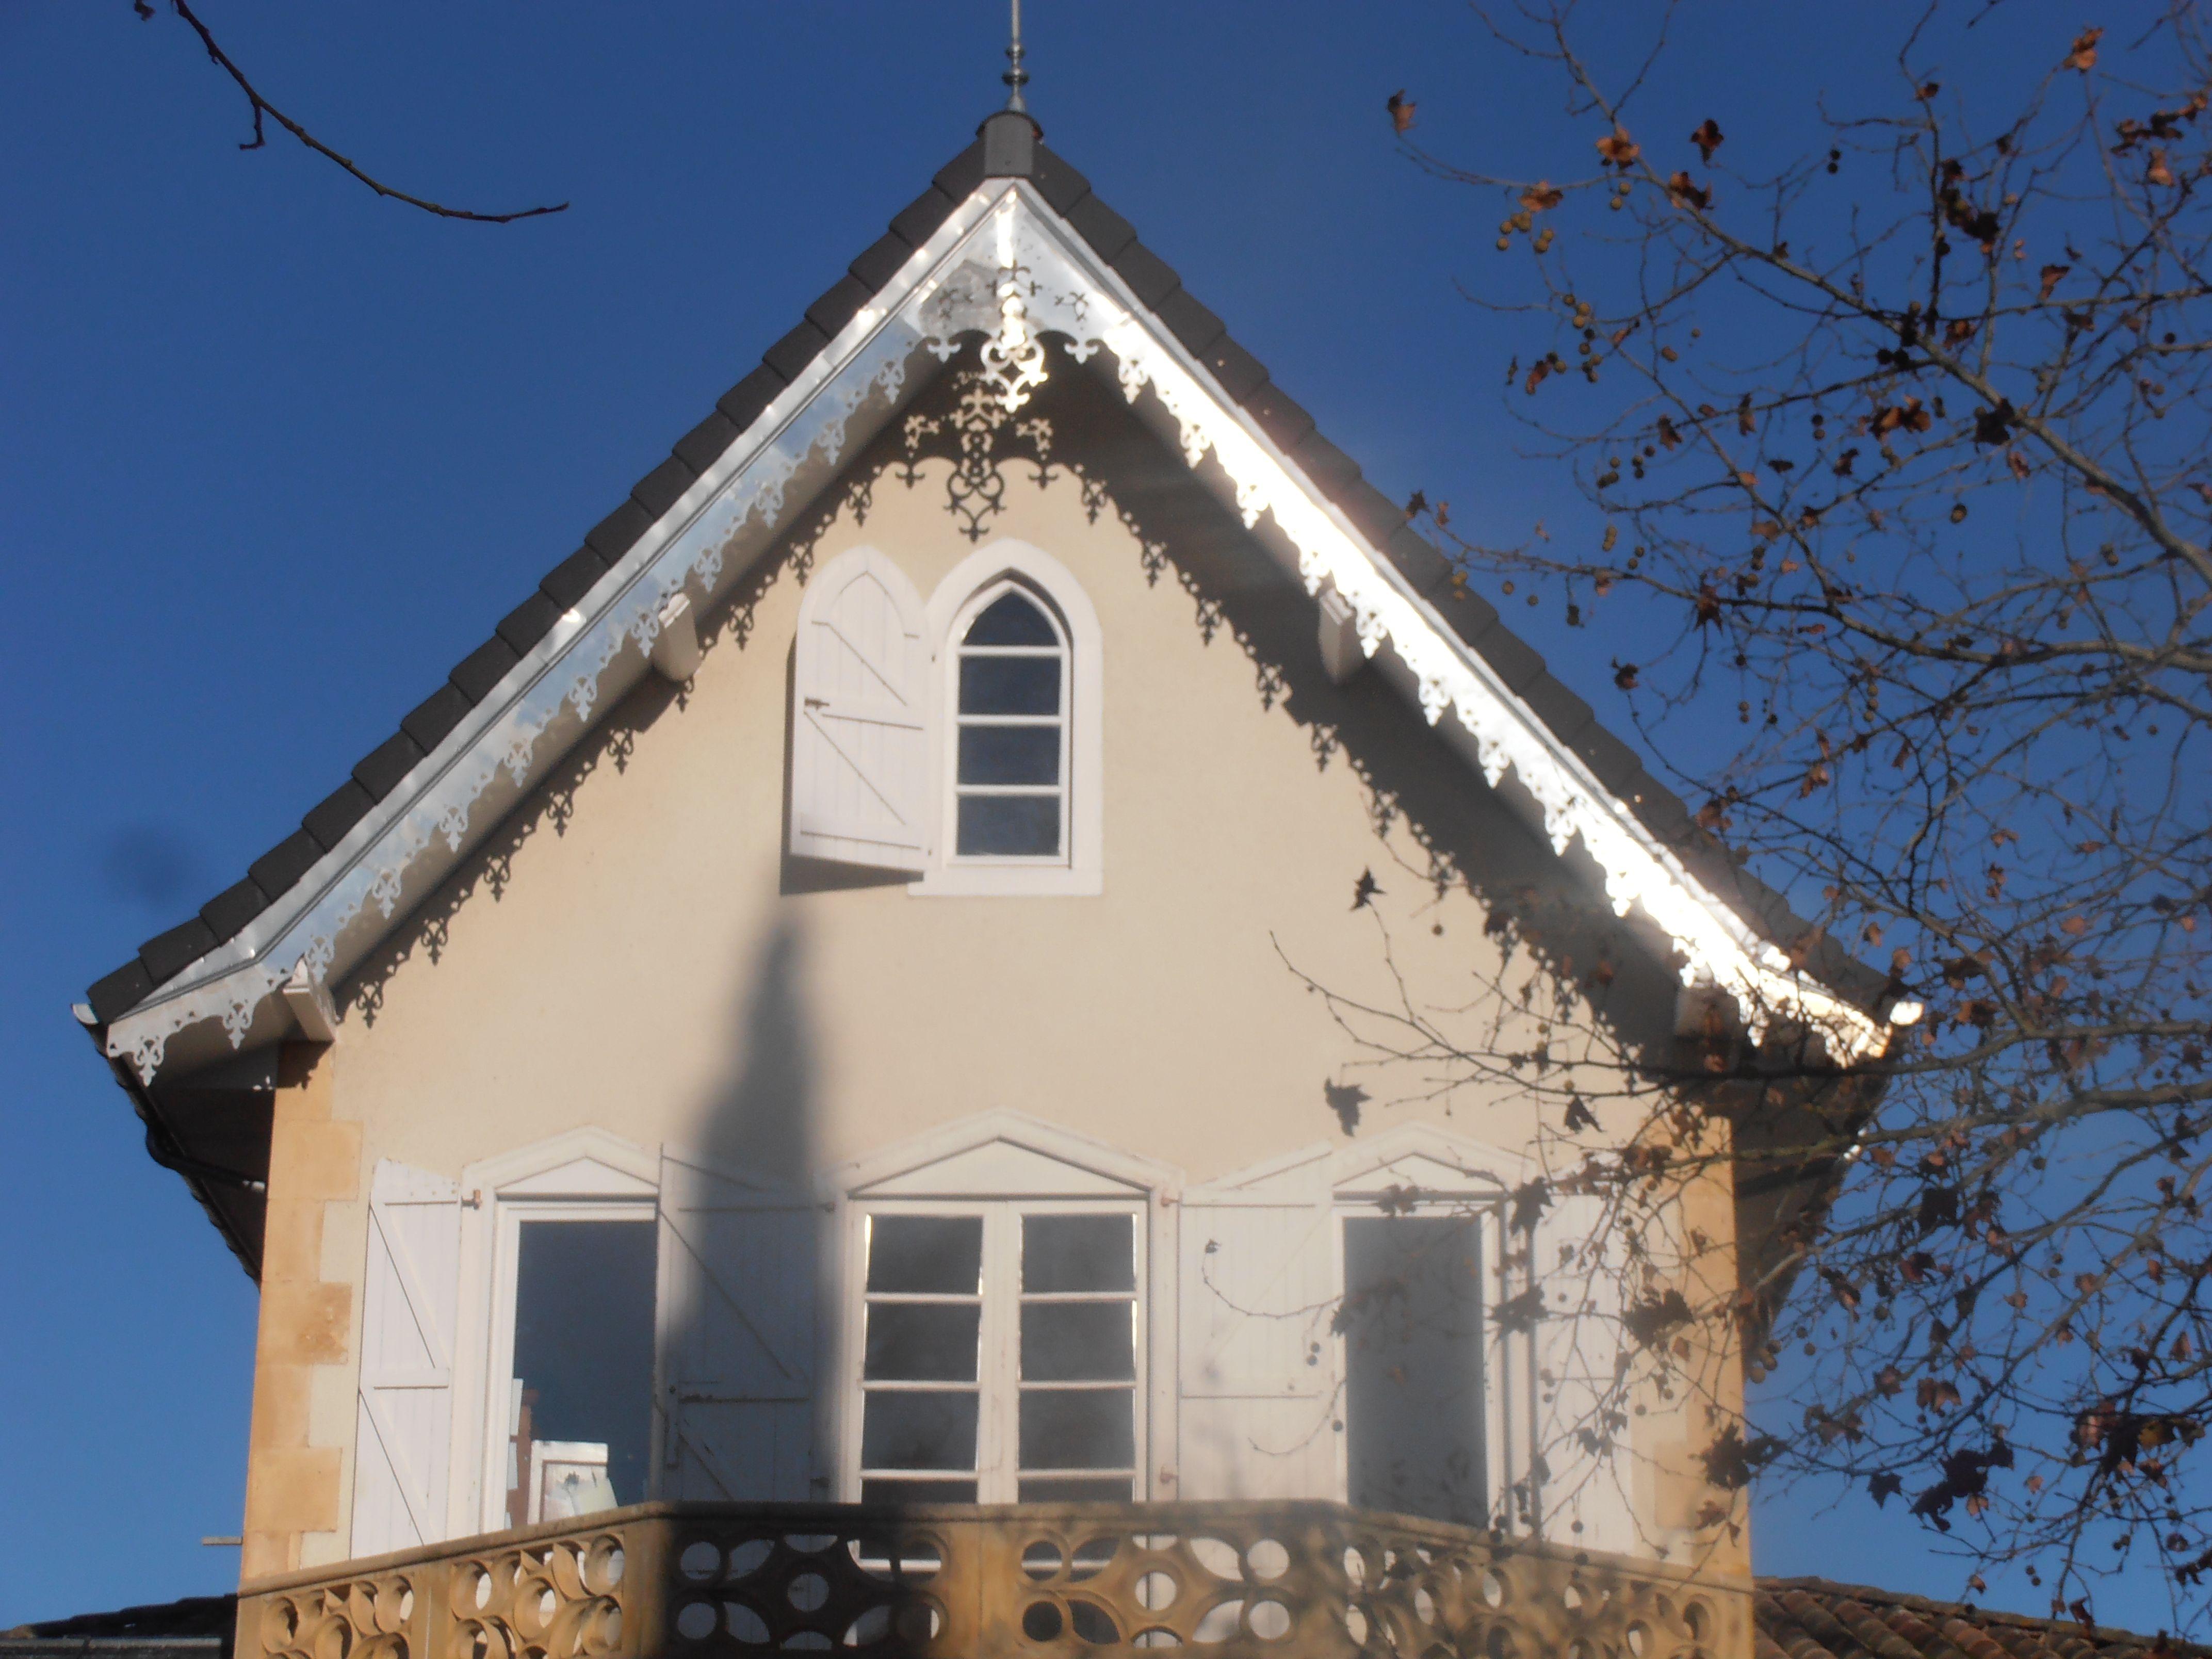 lambrequin en zinc 2012 ornabat frises et lambrequins de toit pinterest lambrequin d co. Black Bedroom Furniture Sets. Home Design Ideas